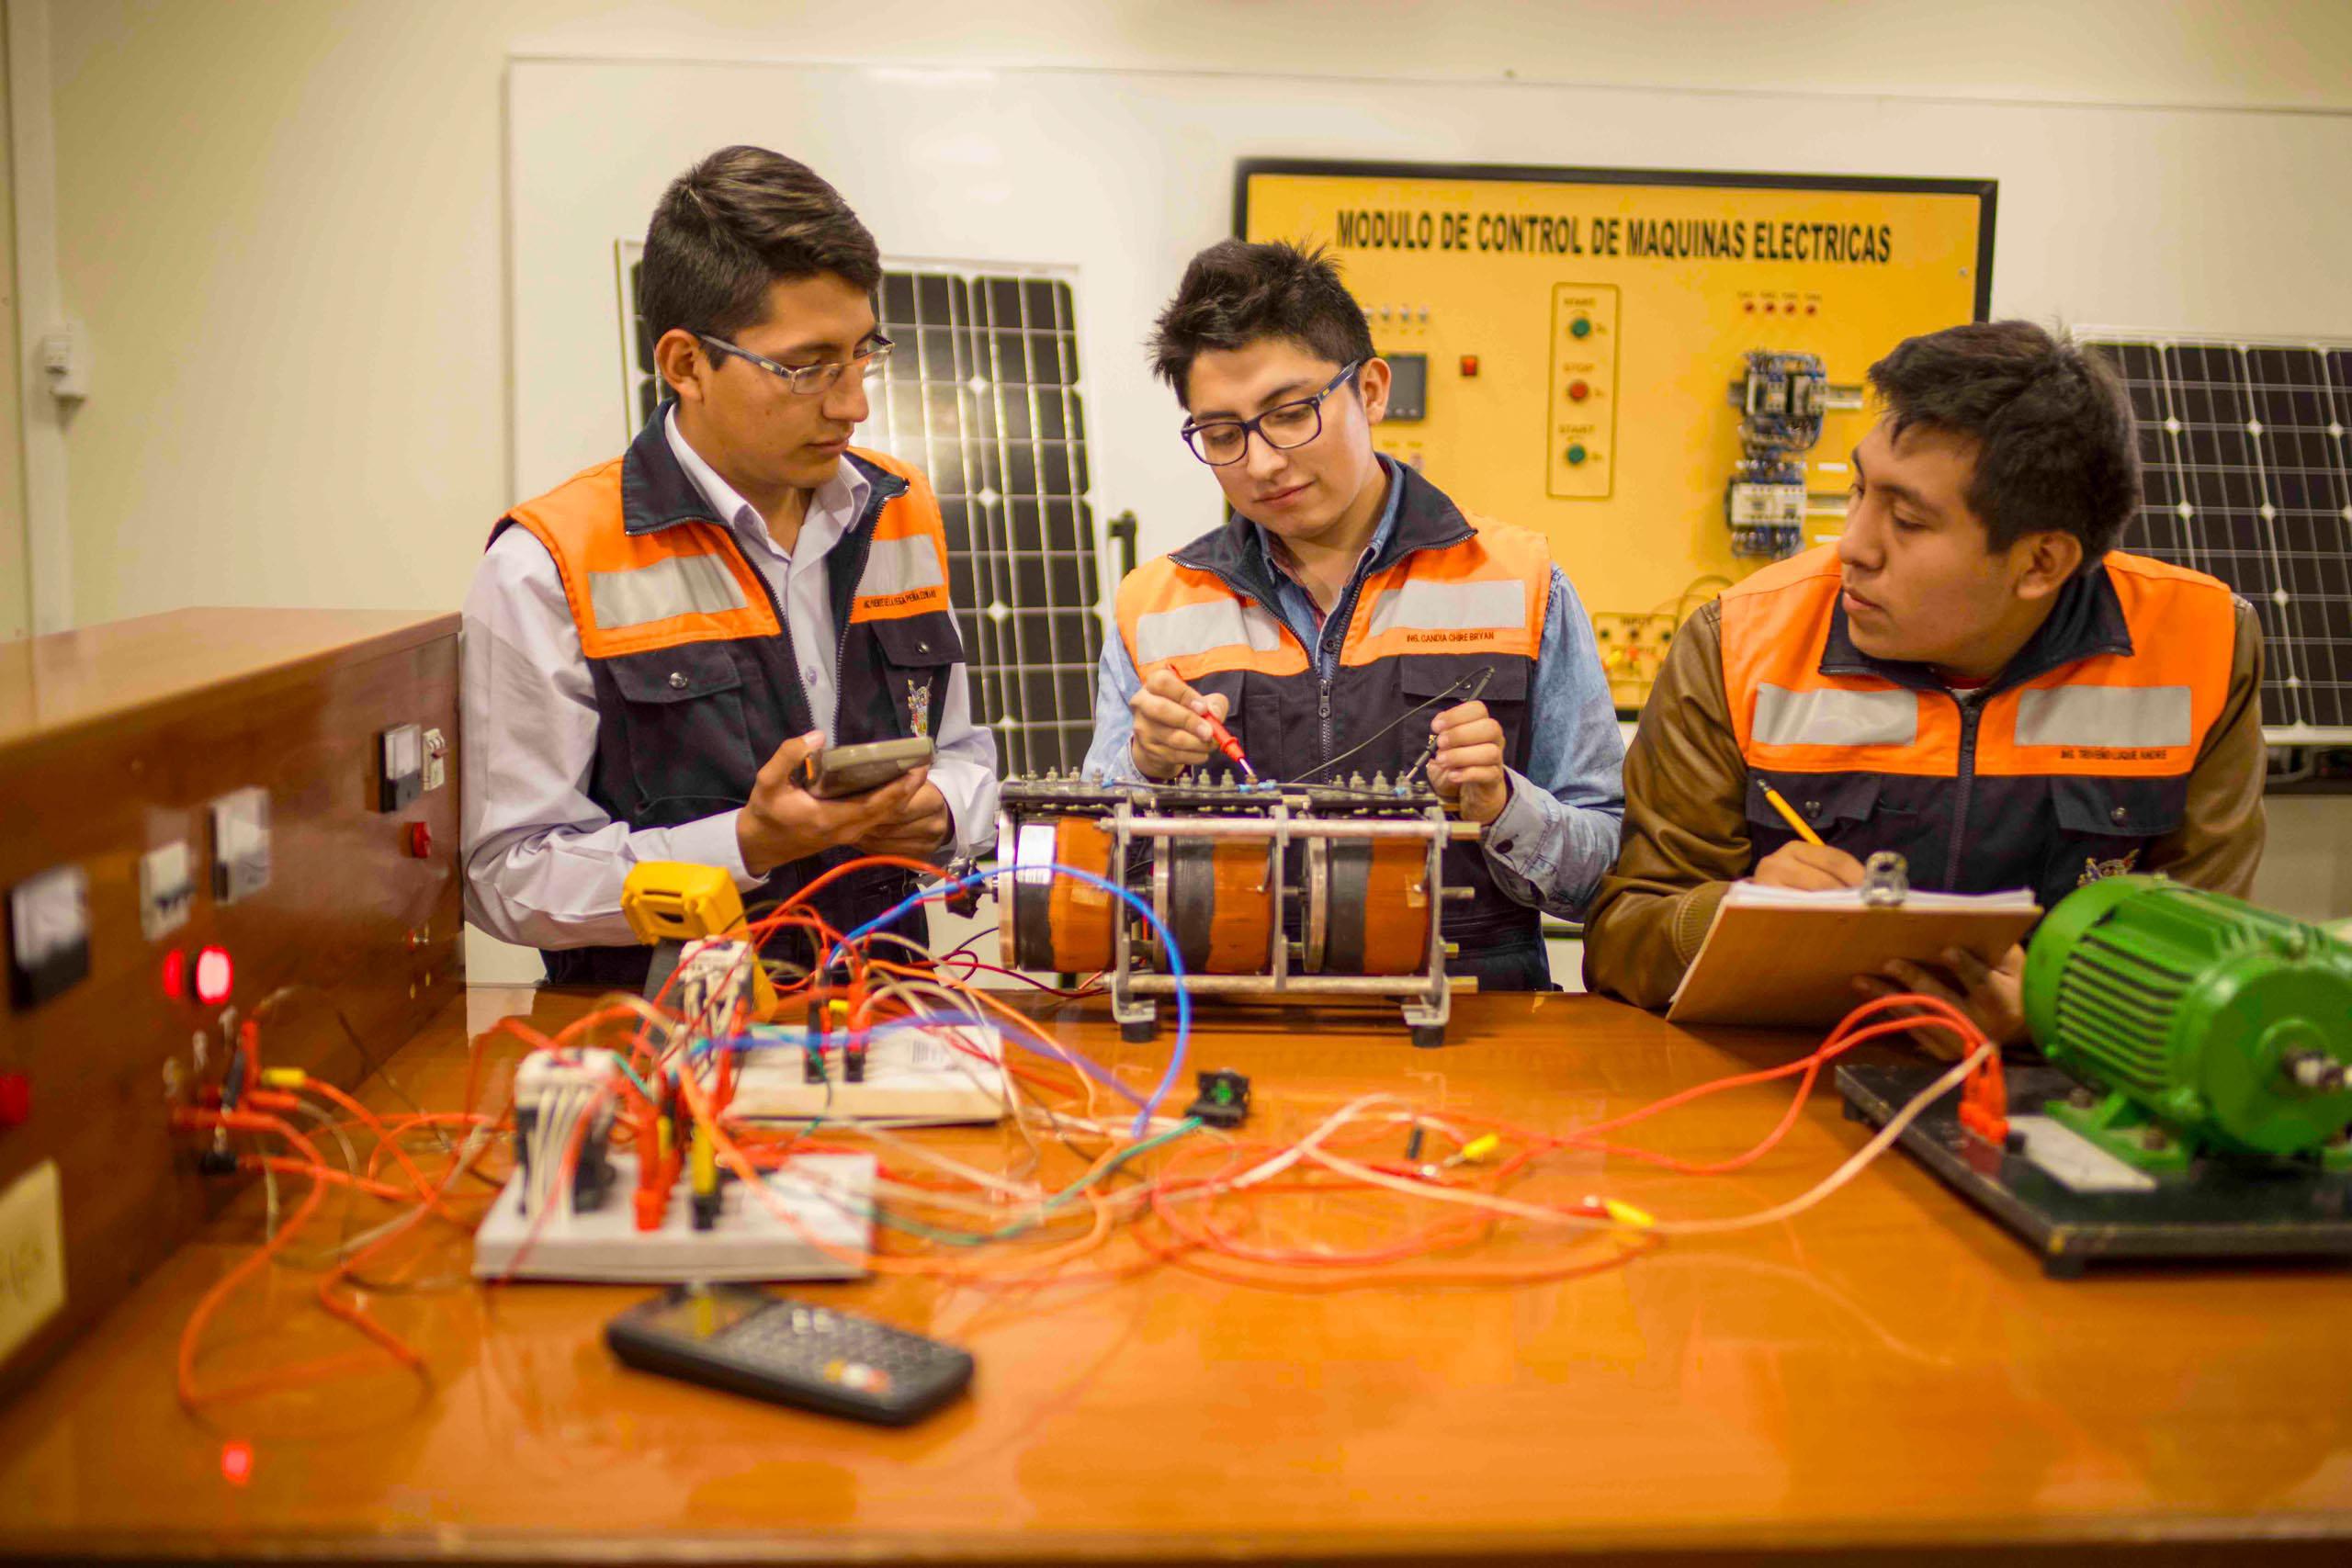 Ingeniería Mecánica Eléctrica